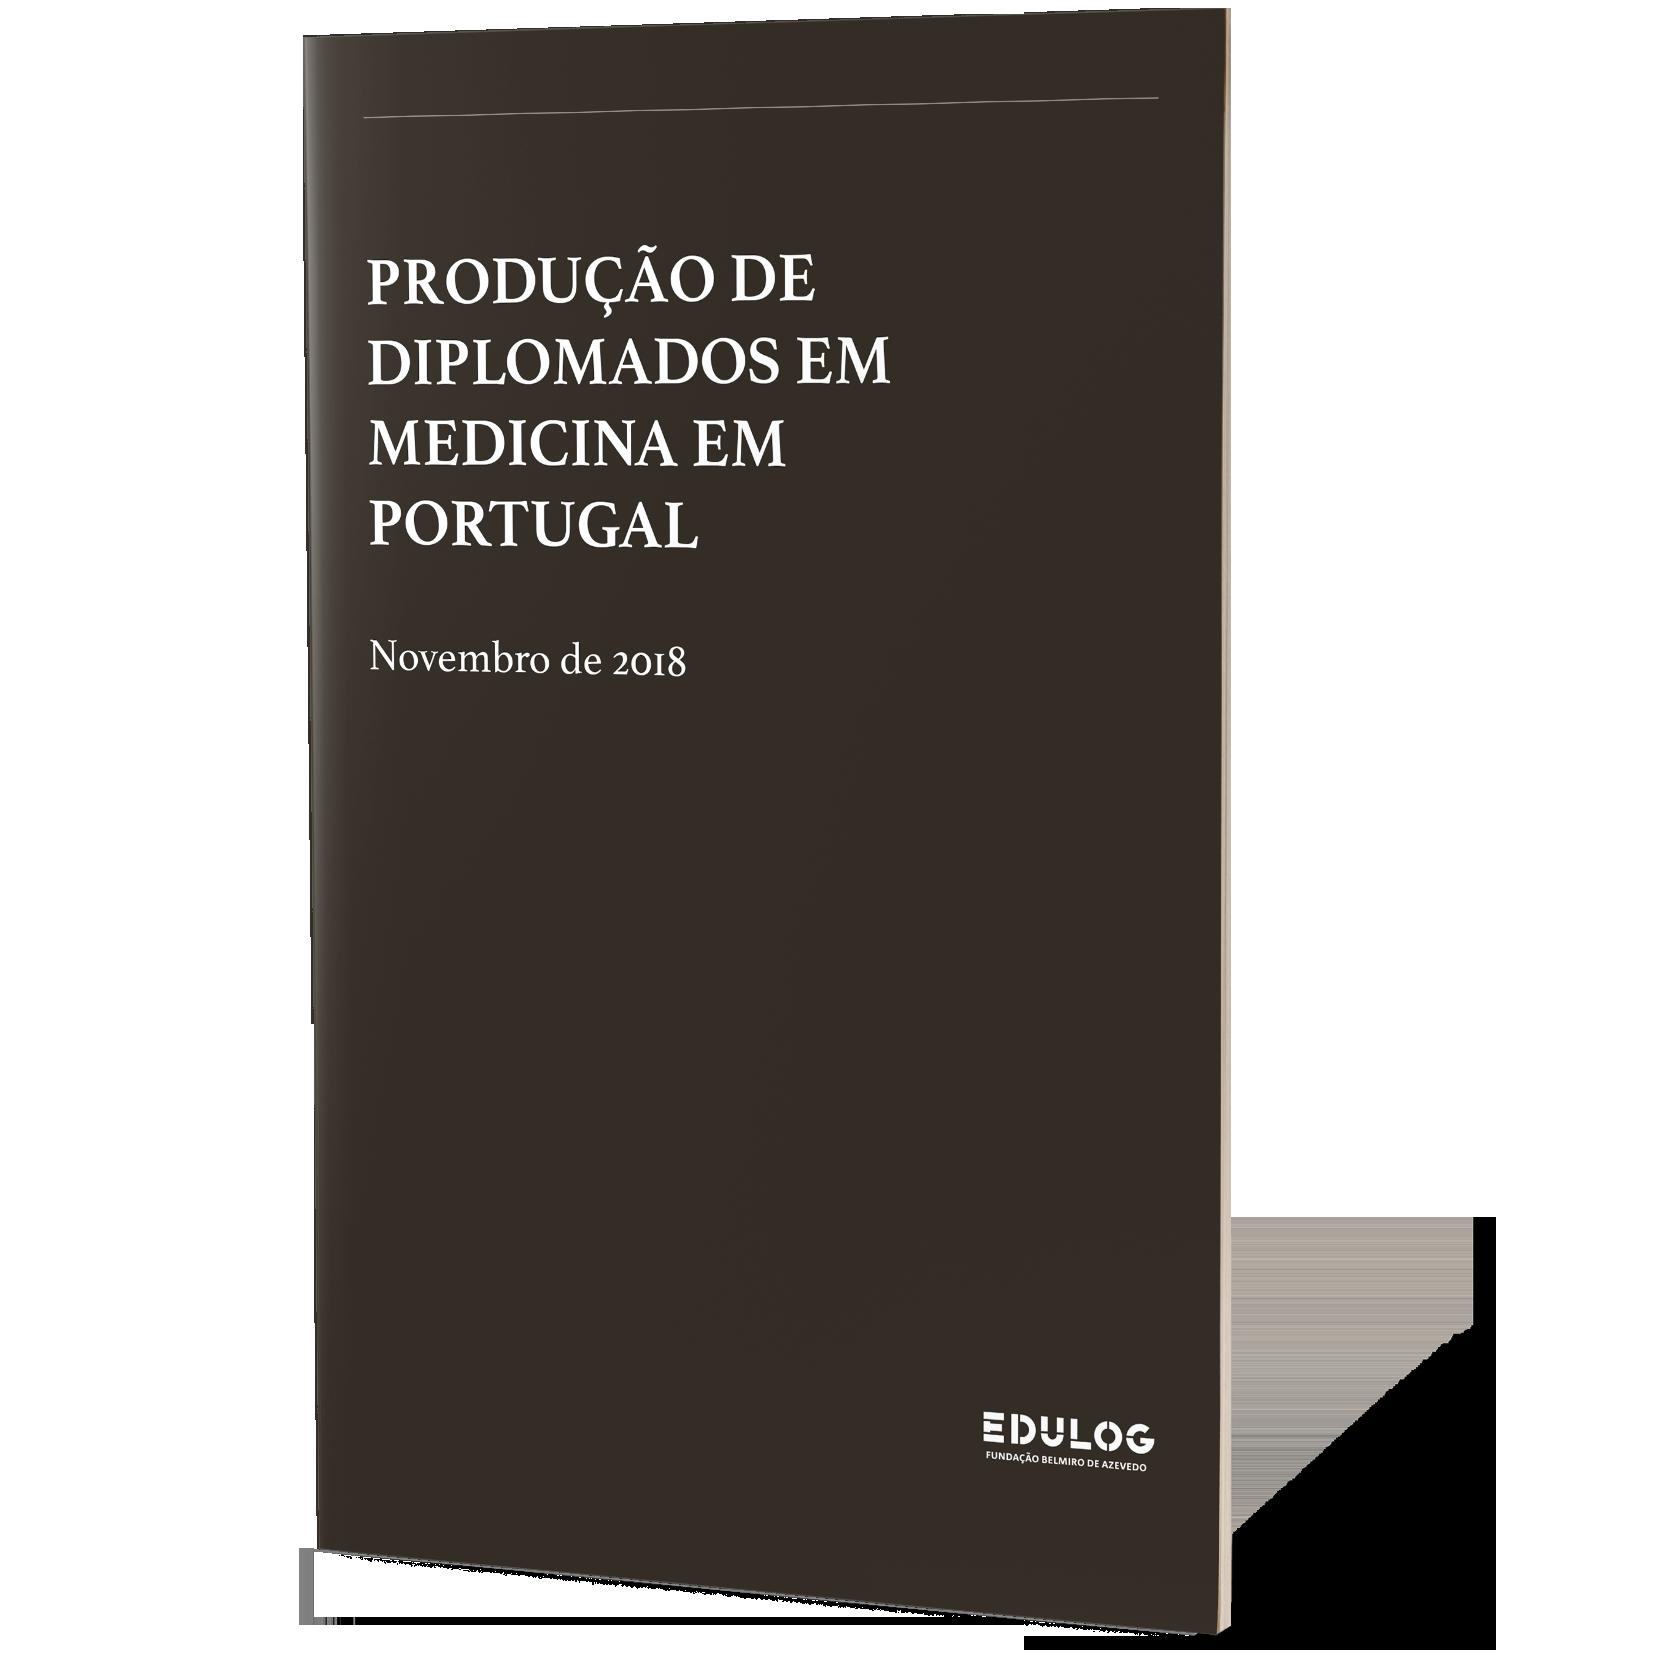 Produção de diplomados em Medicina em Portugal